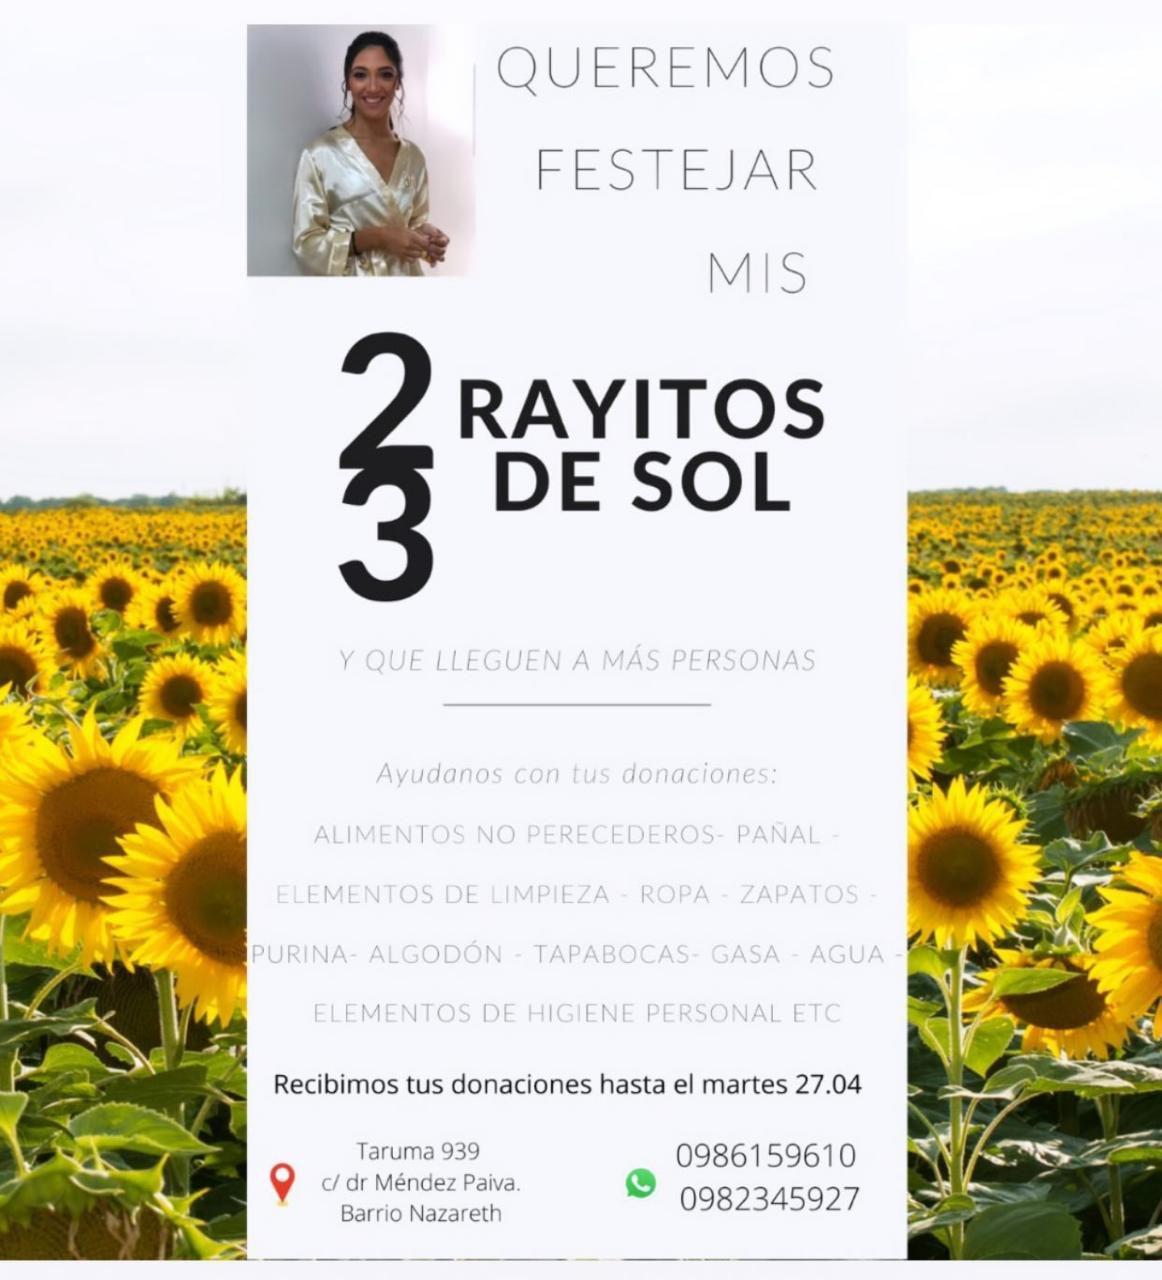 Campaña solidaria promovida por familiares María Sol Chávez Franco, joven fallecida por presunta negligencia de odontóloga.